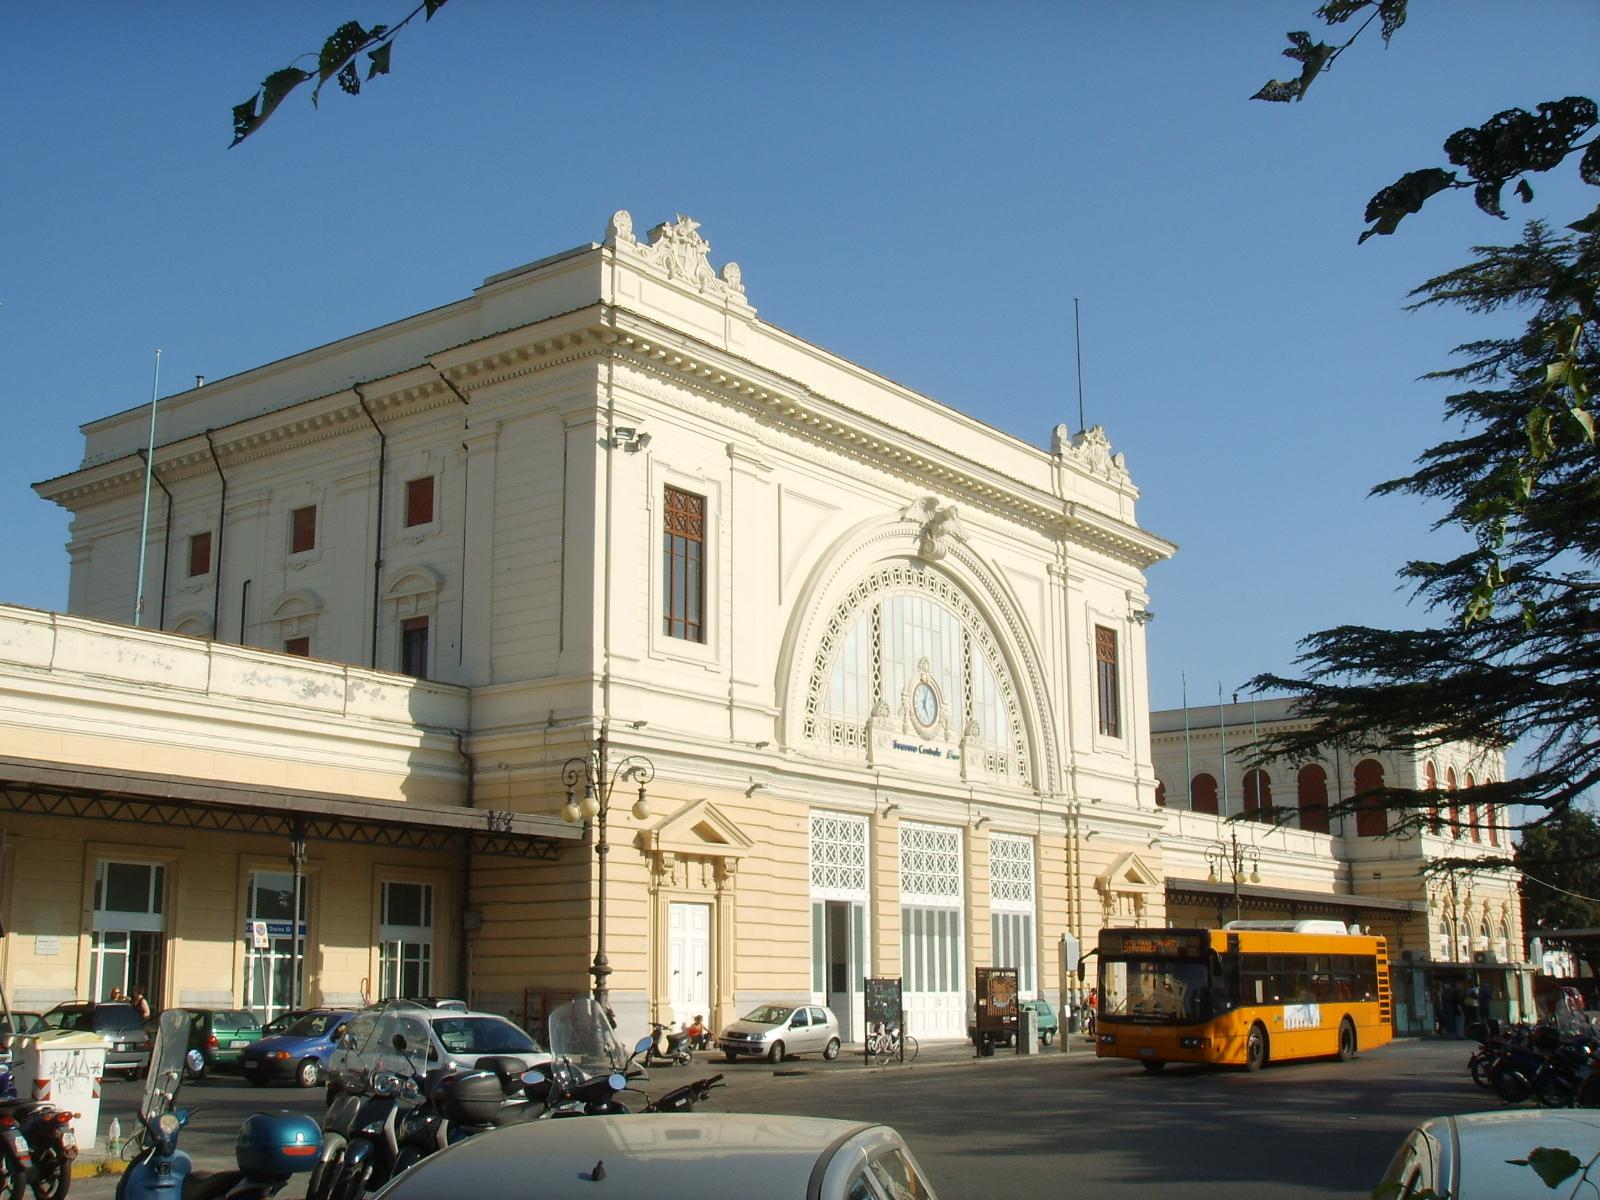 Stazione_di_Livorno_